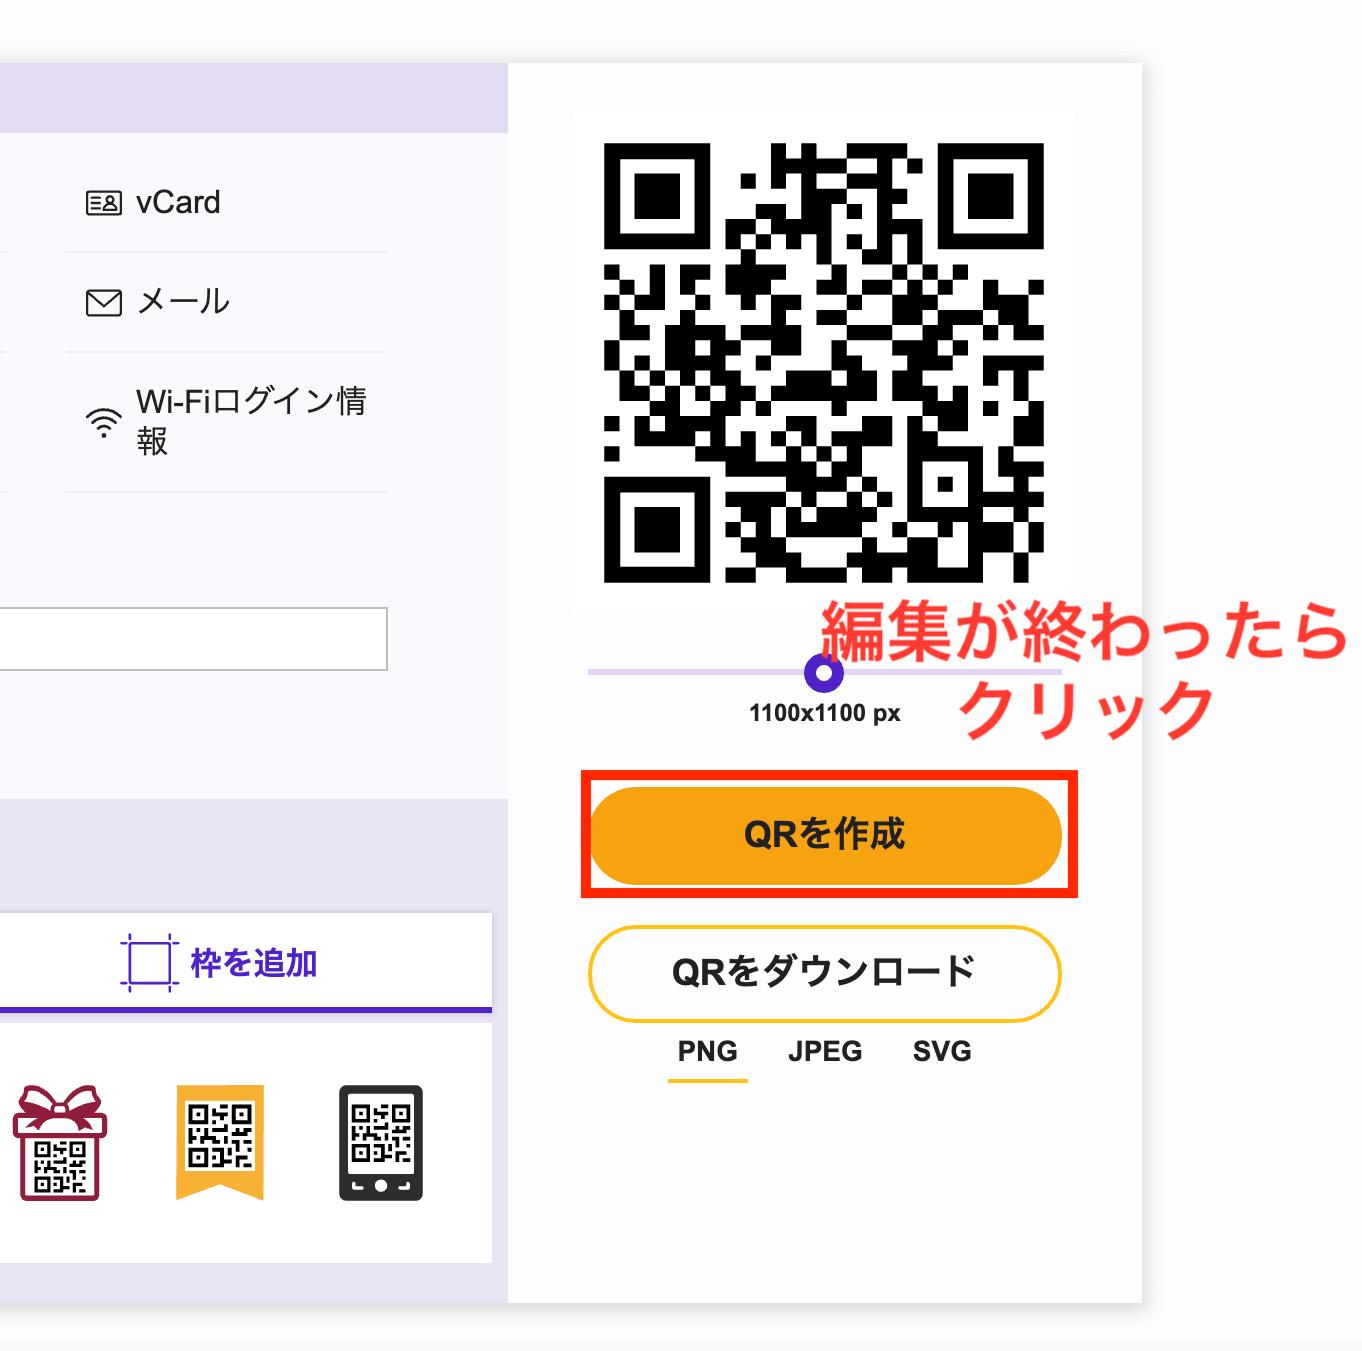 QRコード作成手順5